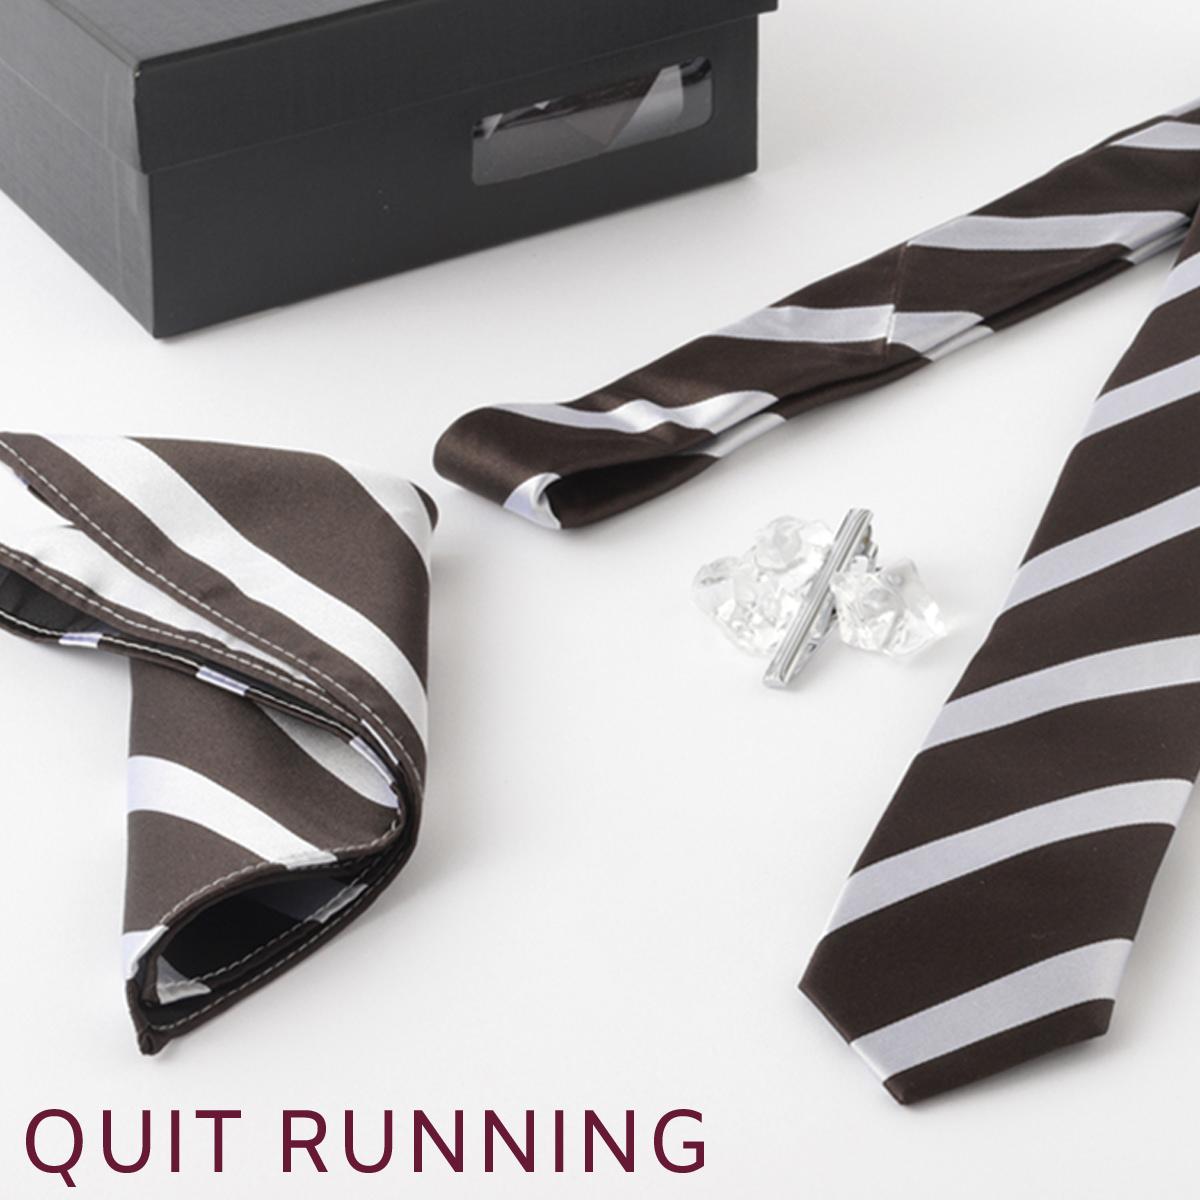 英国ブランドメンズギフト4点フルセット Quit Running ダークブラウン ストライプ ネクタイ ポケットチーフ タイクリップ カフス